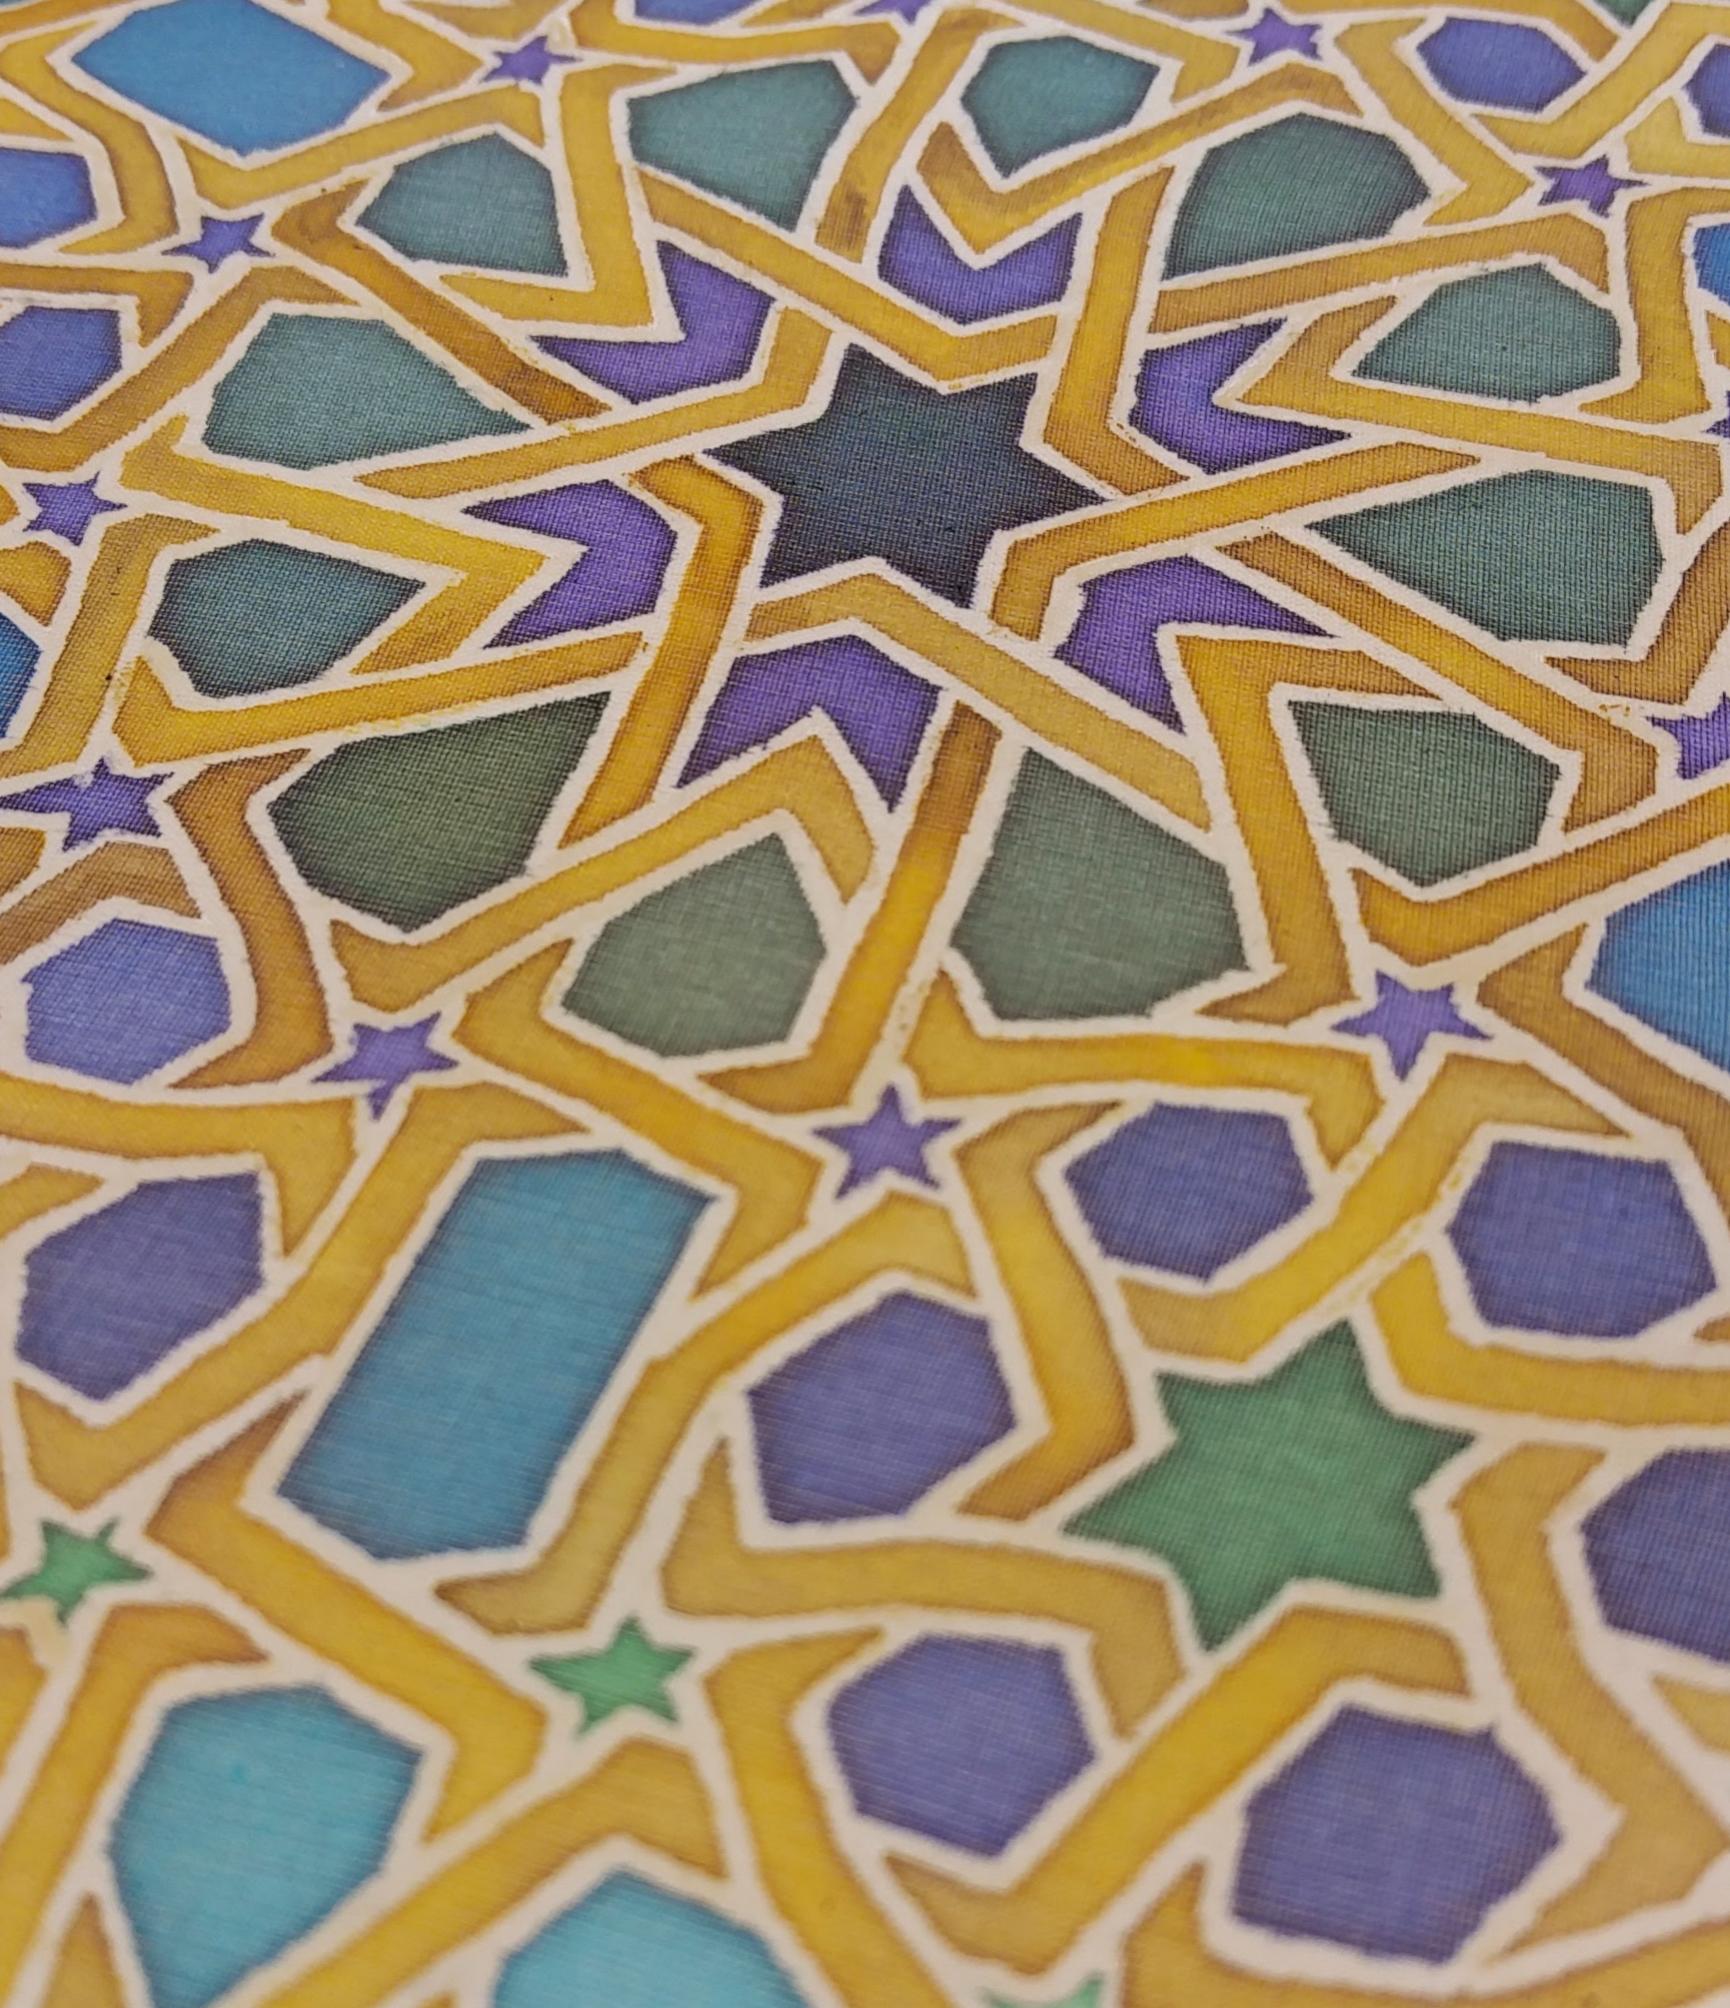 Geometry, Islamic Art, Pattern Design, Shaheen Kasmani.